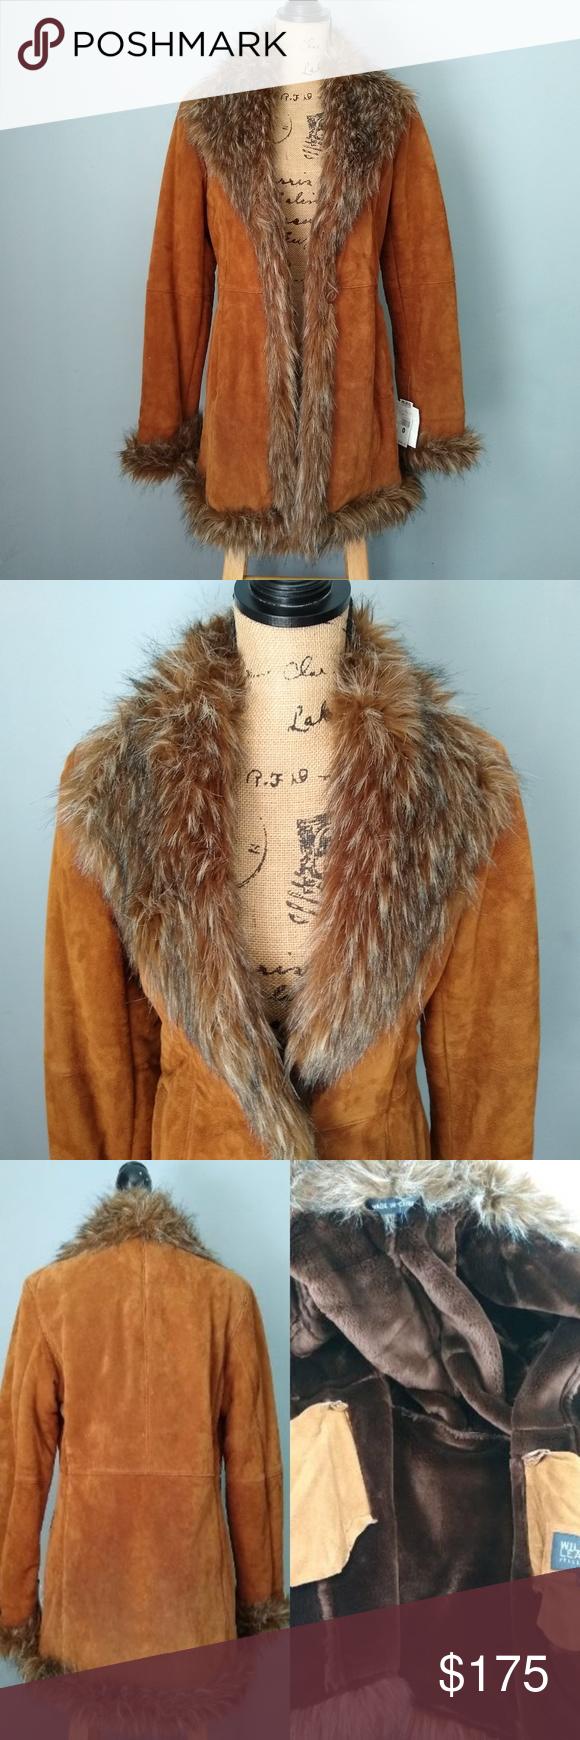 Wilsons Leather Pelle Studio Women's Medium Coat Wilsons